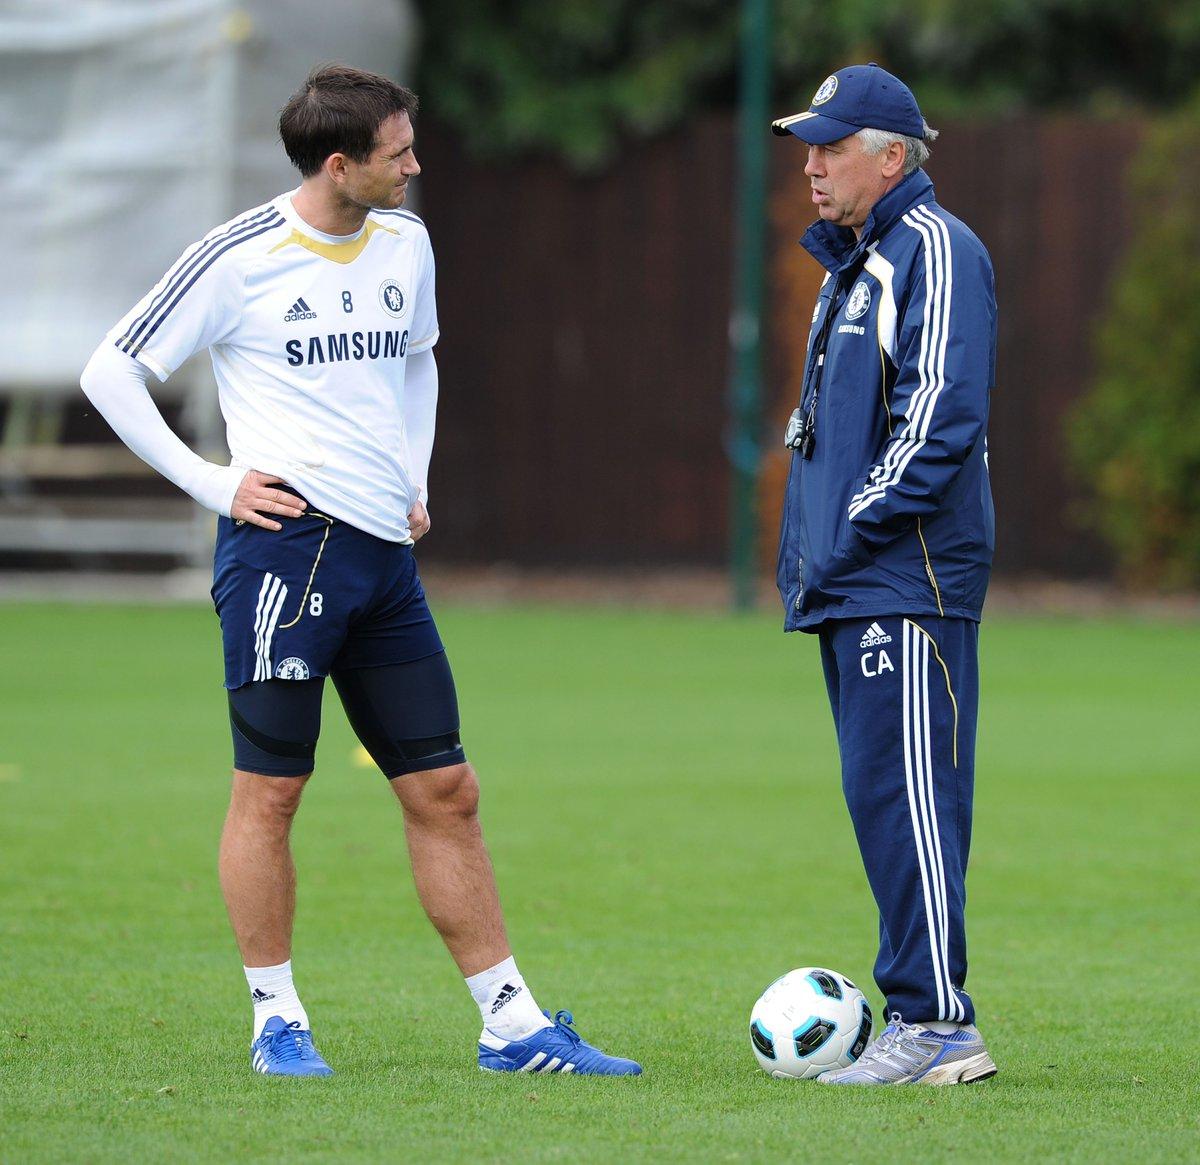 Ancelotti and Lampard